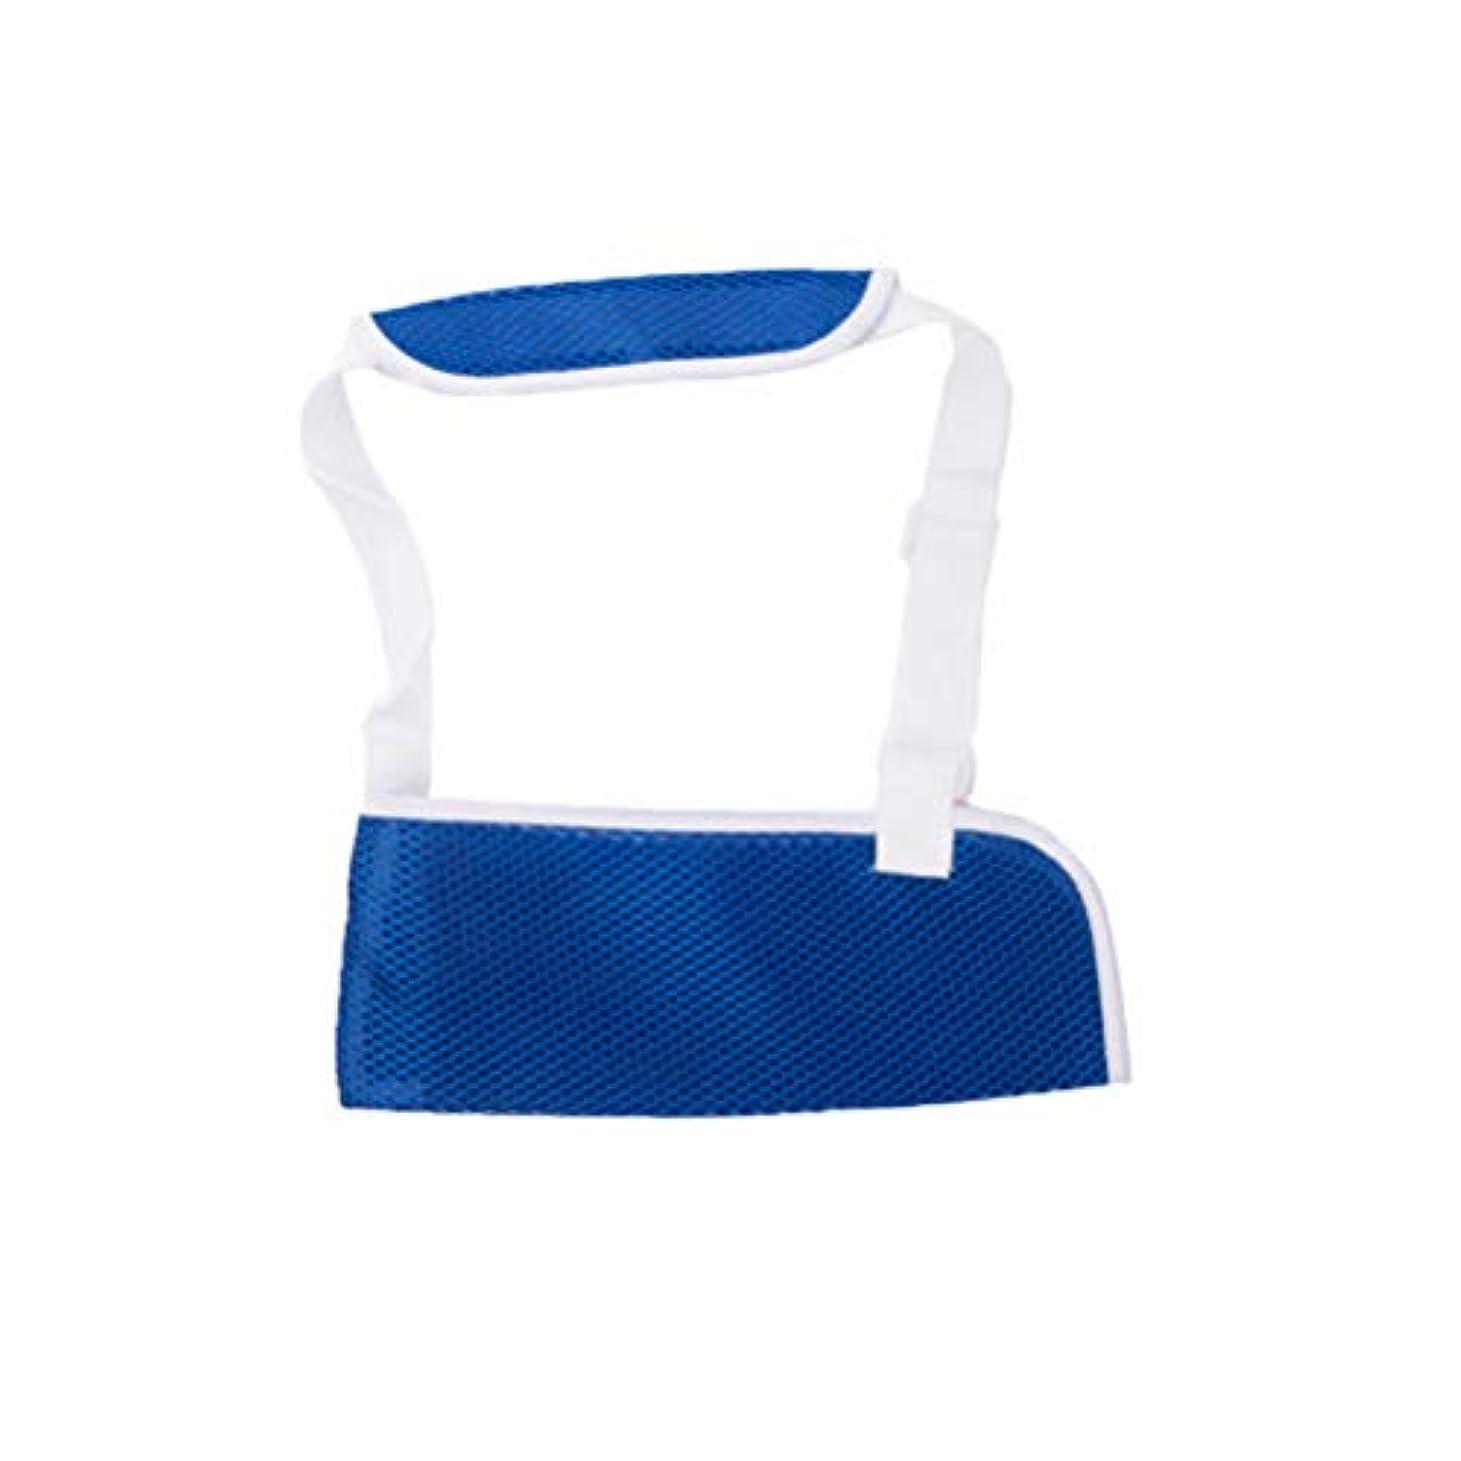 電気技師青写真言及するSUPVOX 子供たちは脱臼骨折捻挫のためのスリング調節可能なショルダーイモビライザーアームスリング通気性医療肩壊れた腕腕